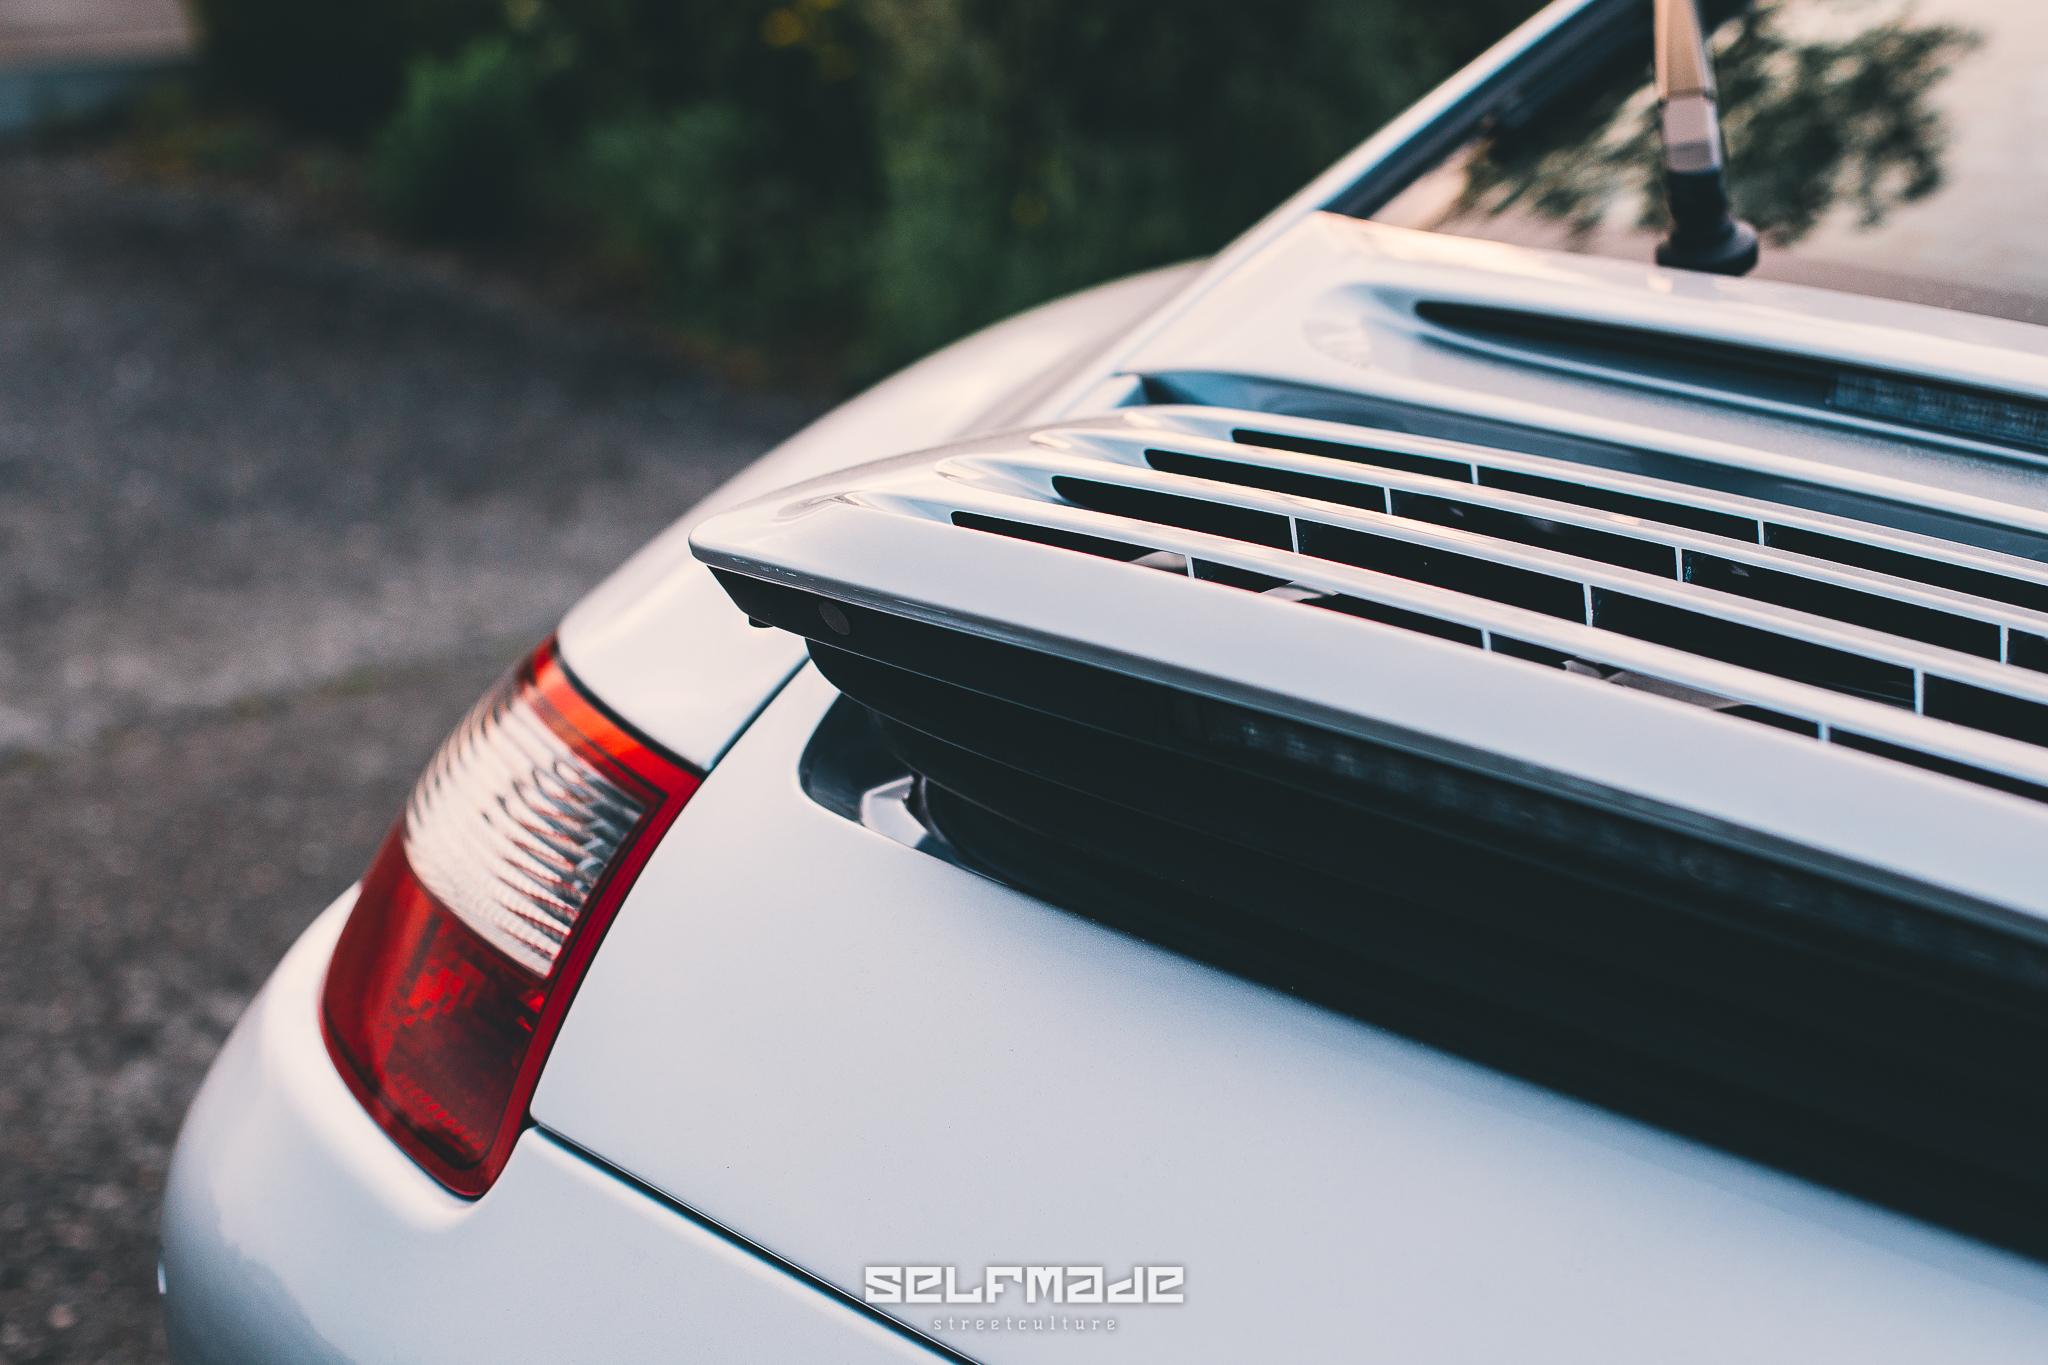 Porsche911_Selfmade (19).jpg